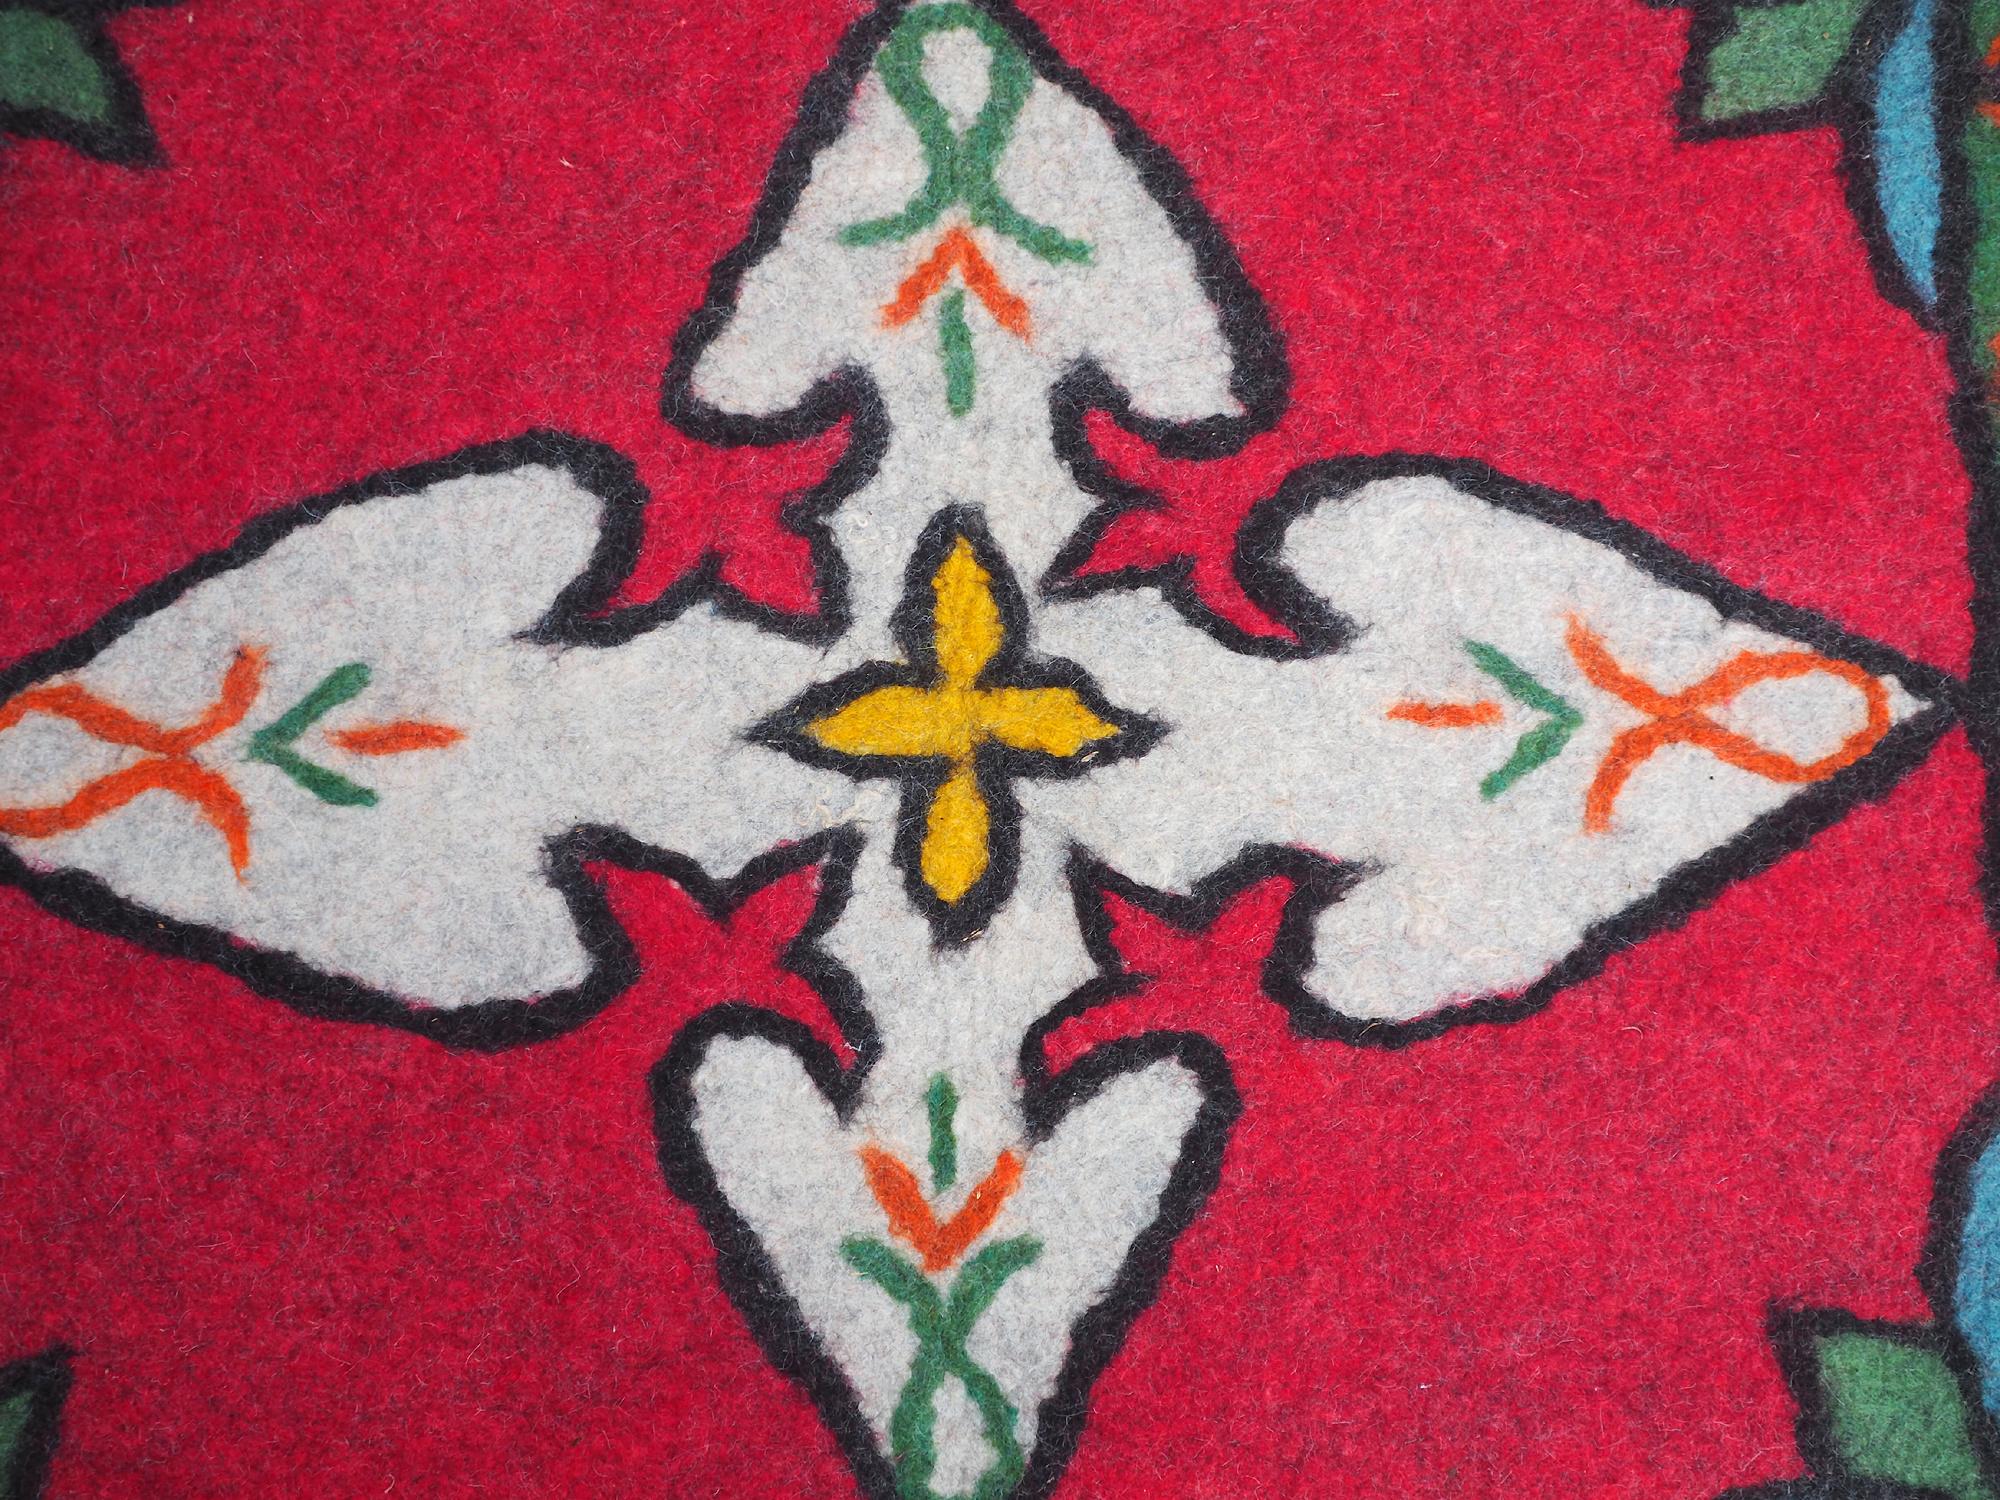 212x151 cm  tribal Nomadic Turkmen nomads Vintage felt rug rug from Afghanistan feltrug carpet shyrdak No-696